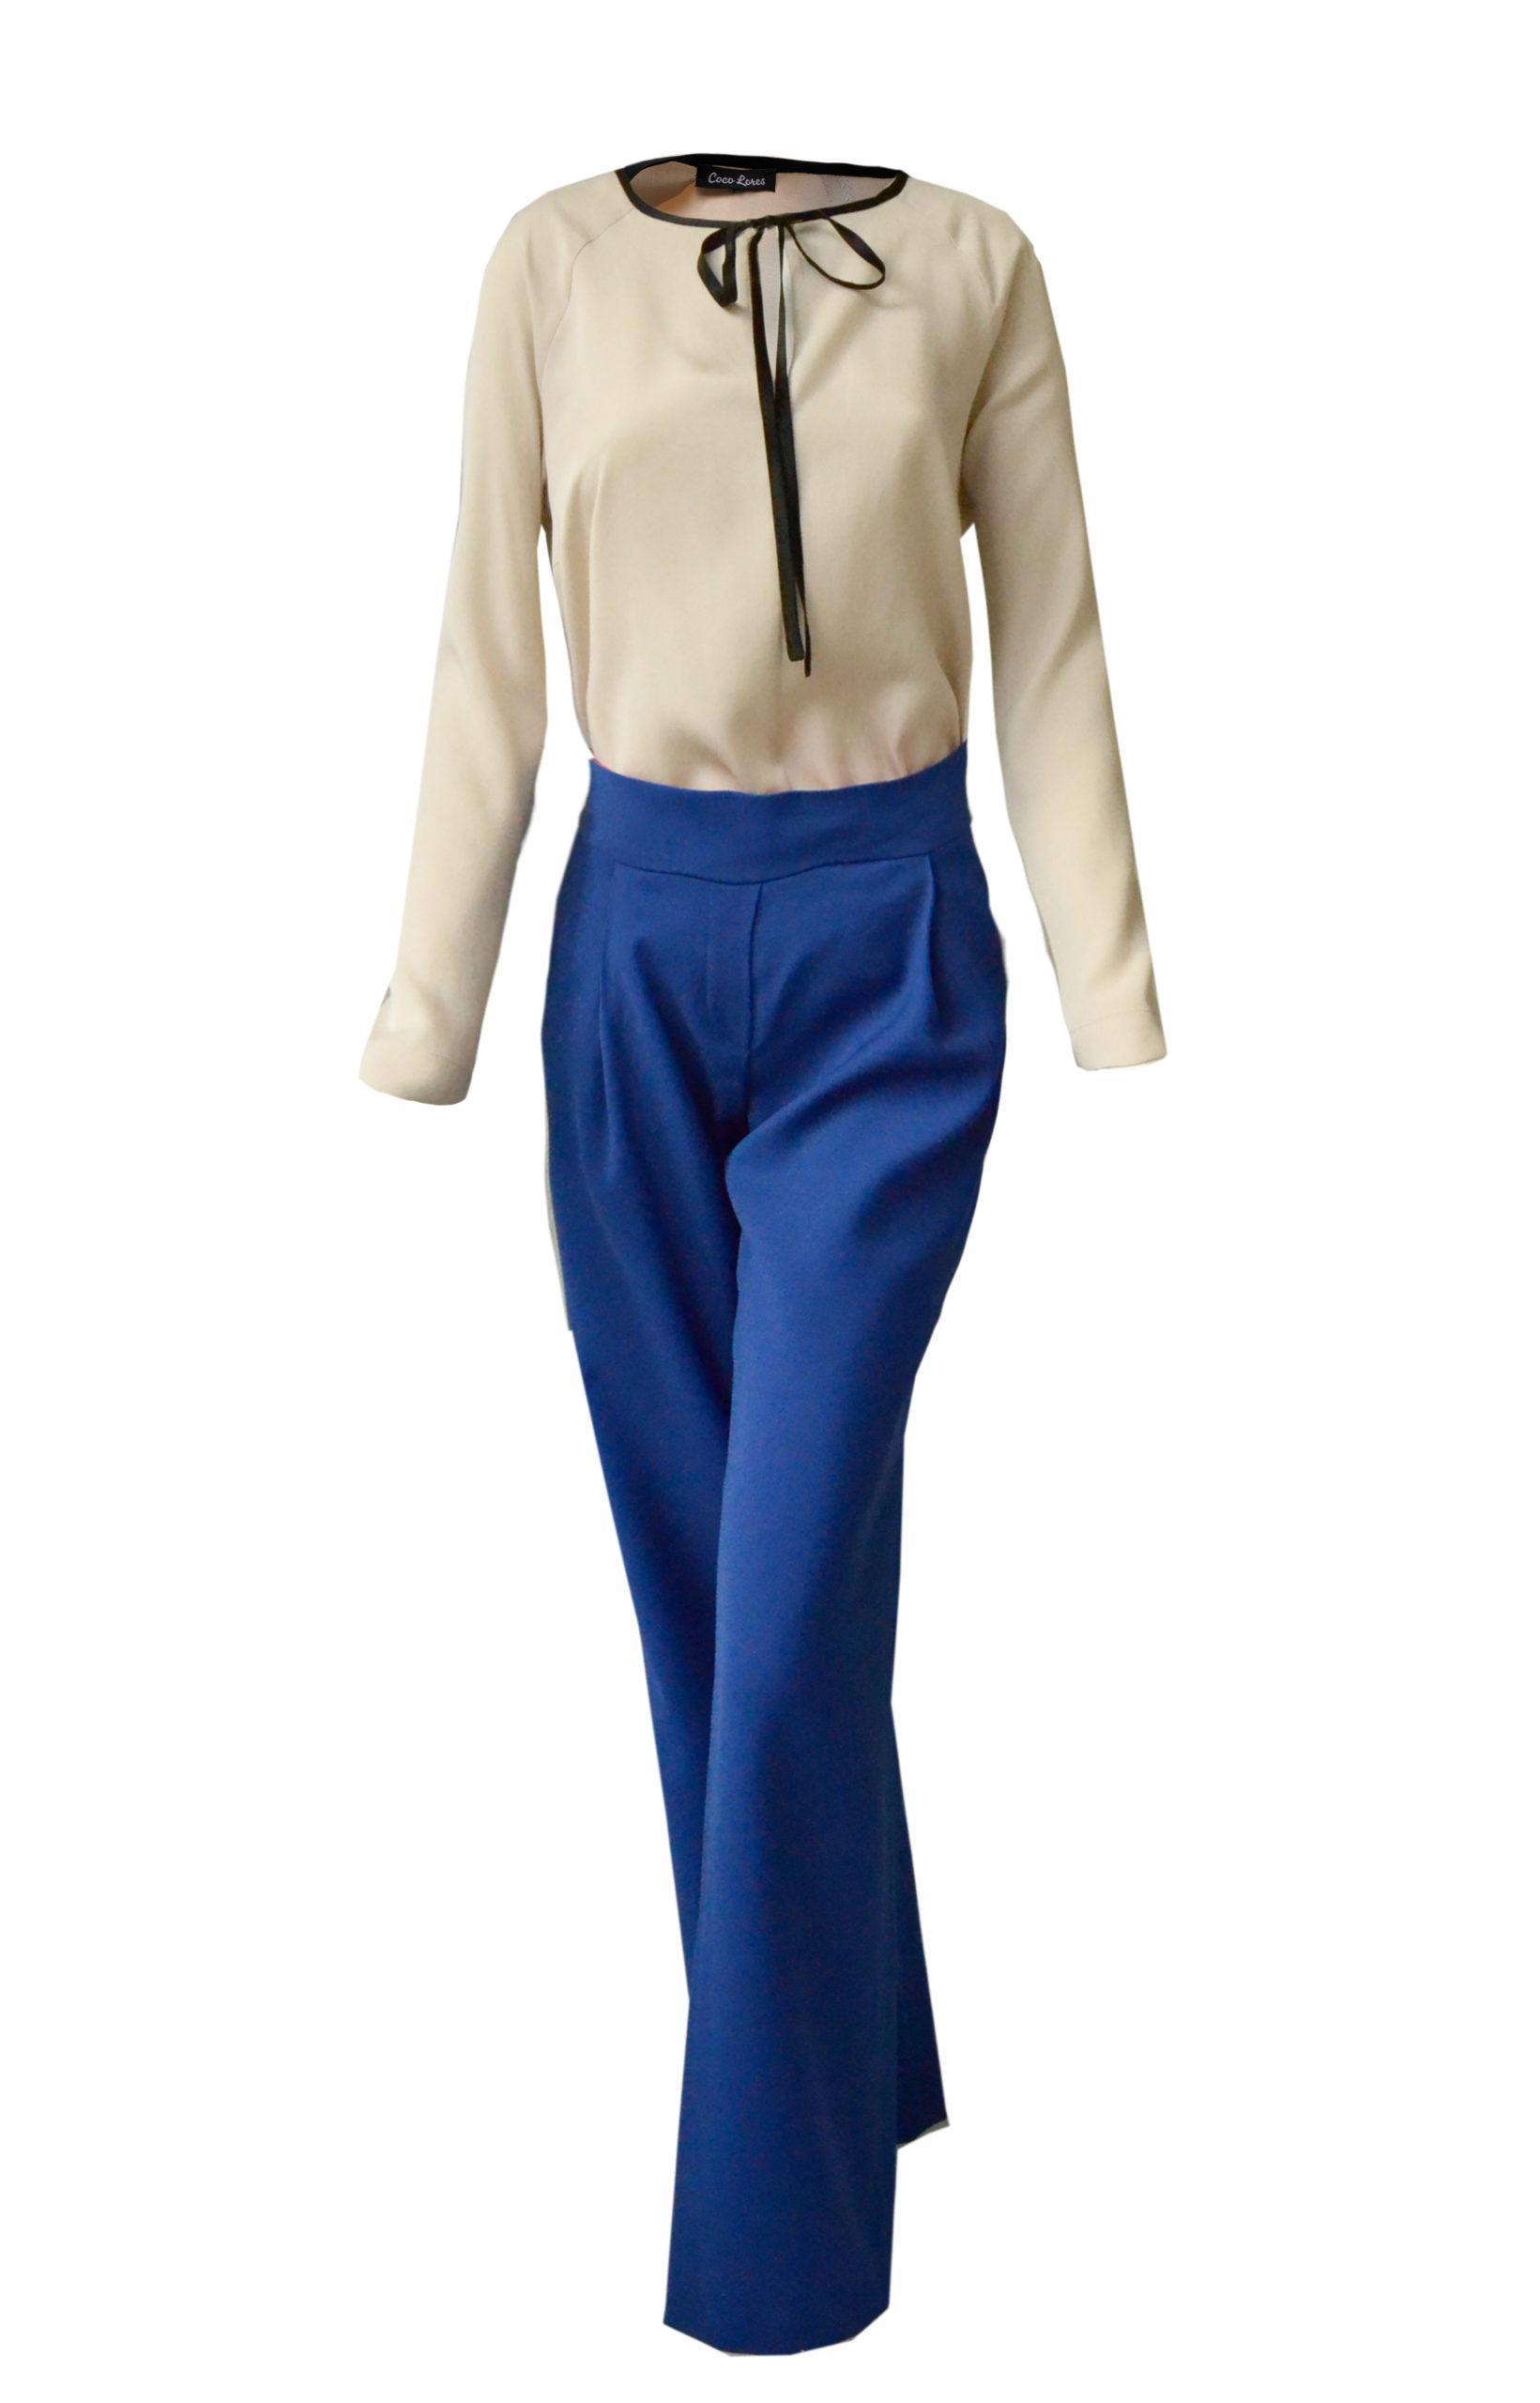 Blaue Hose und weite Bluse mit Raglanärmeln